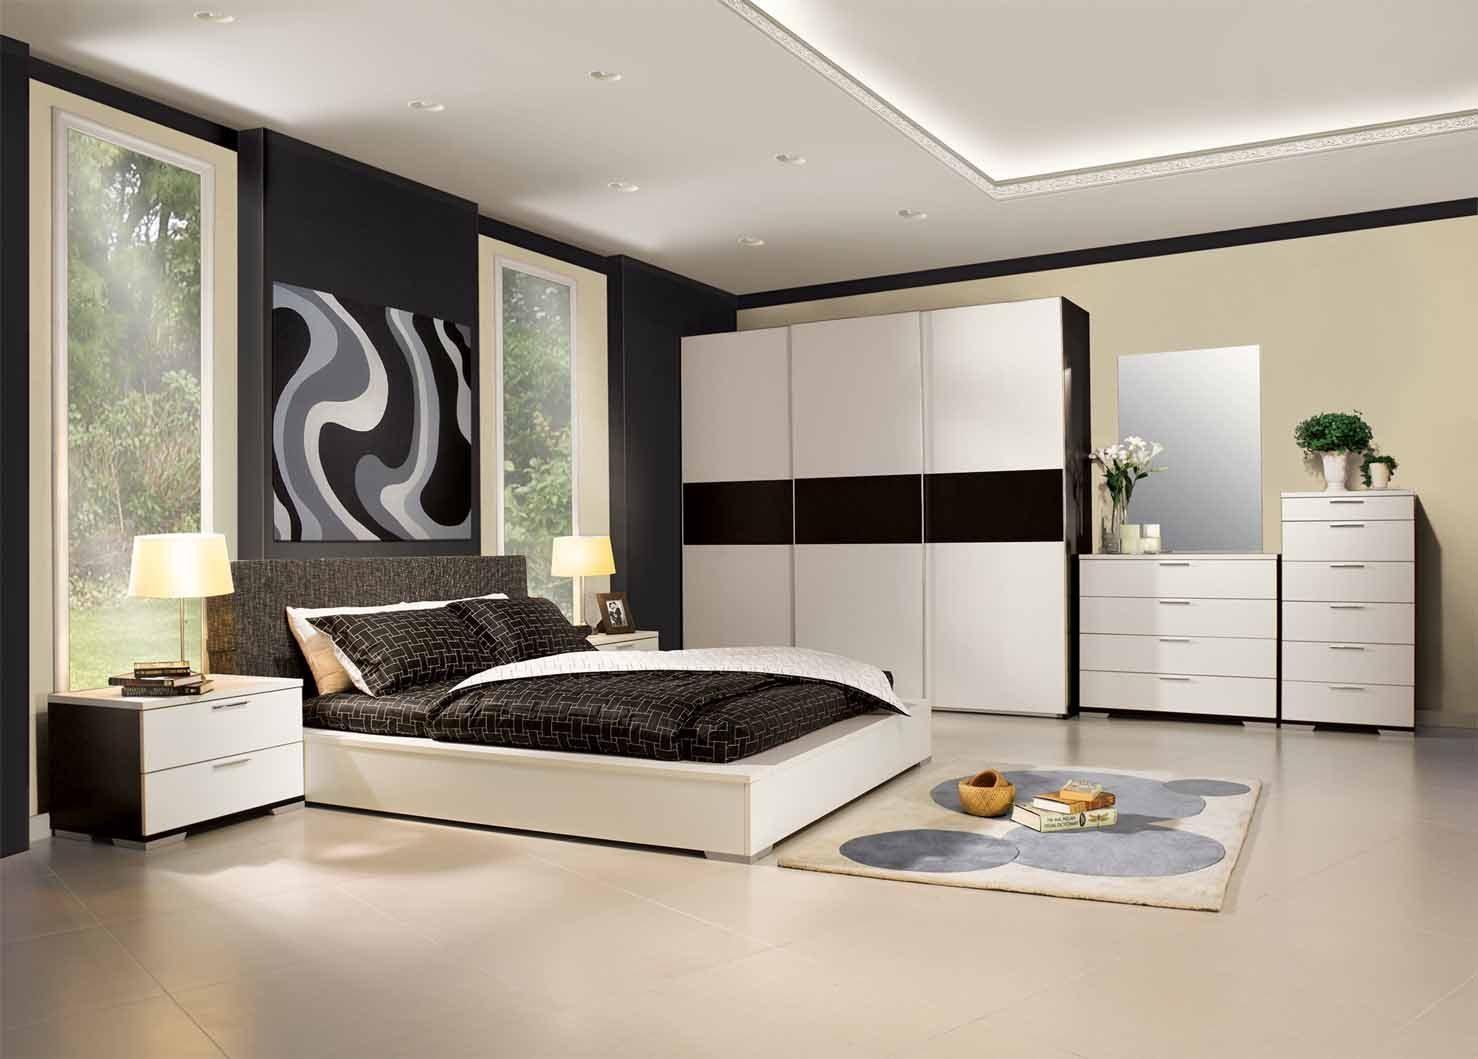 Galer a de im genes muebles para dormitorios for Muebles para dormitorio